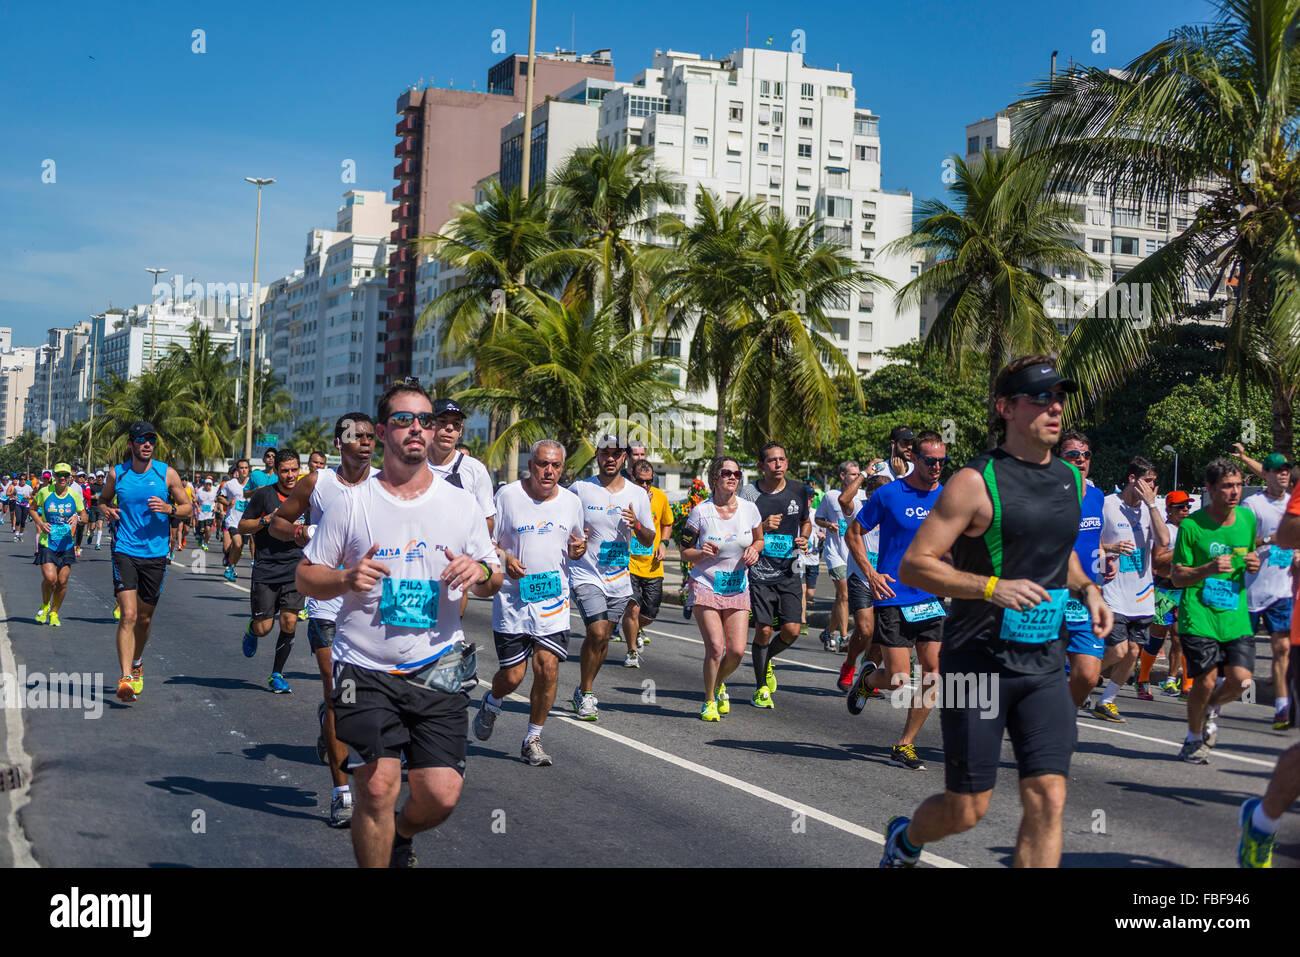 Agosto 2015 mezza maratona attraversa Copacabana, Rio de Janeiro, Brasile Immagini Stock